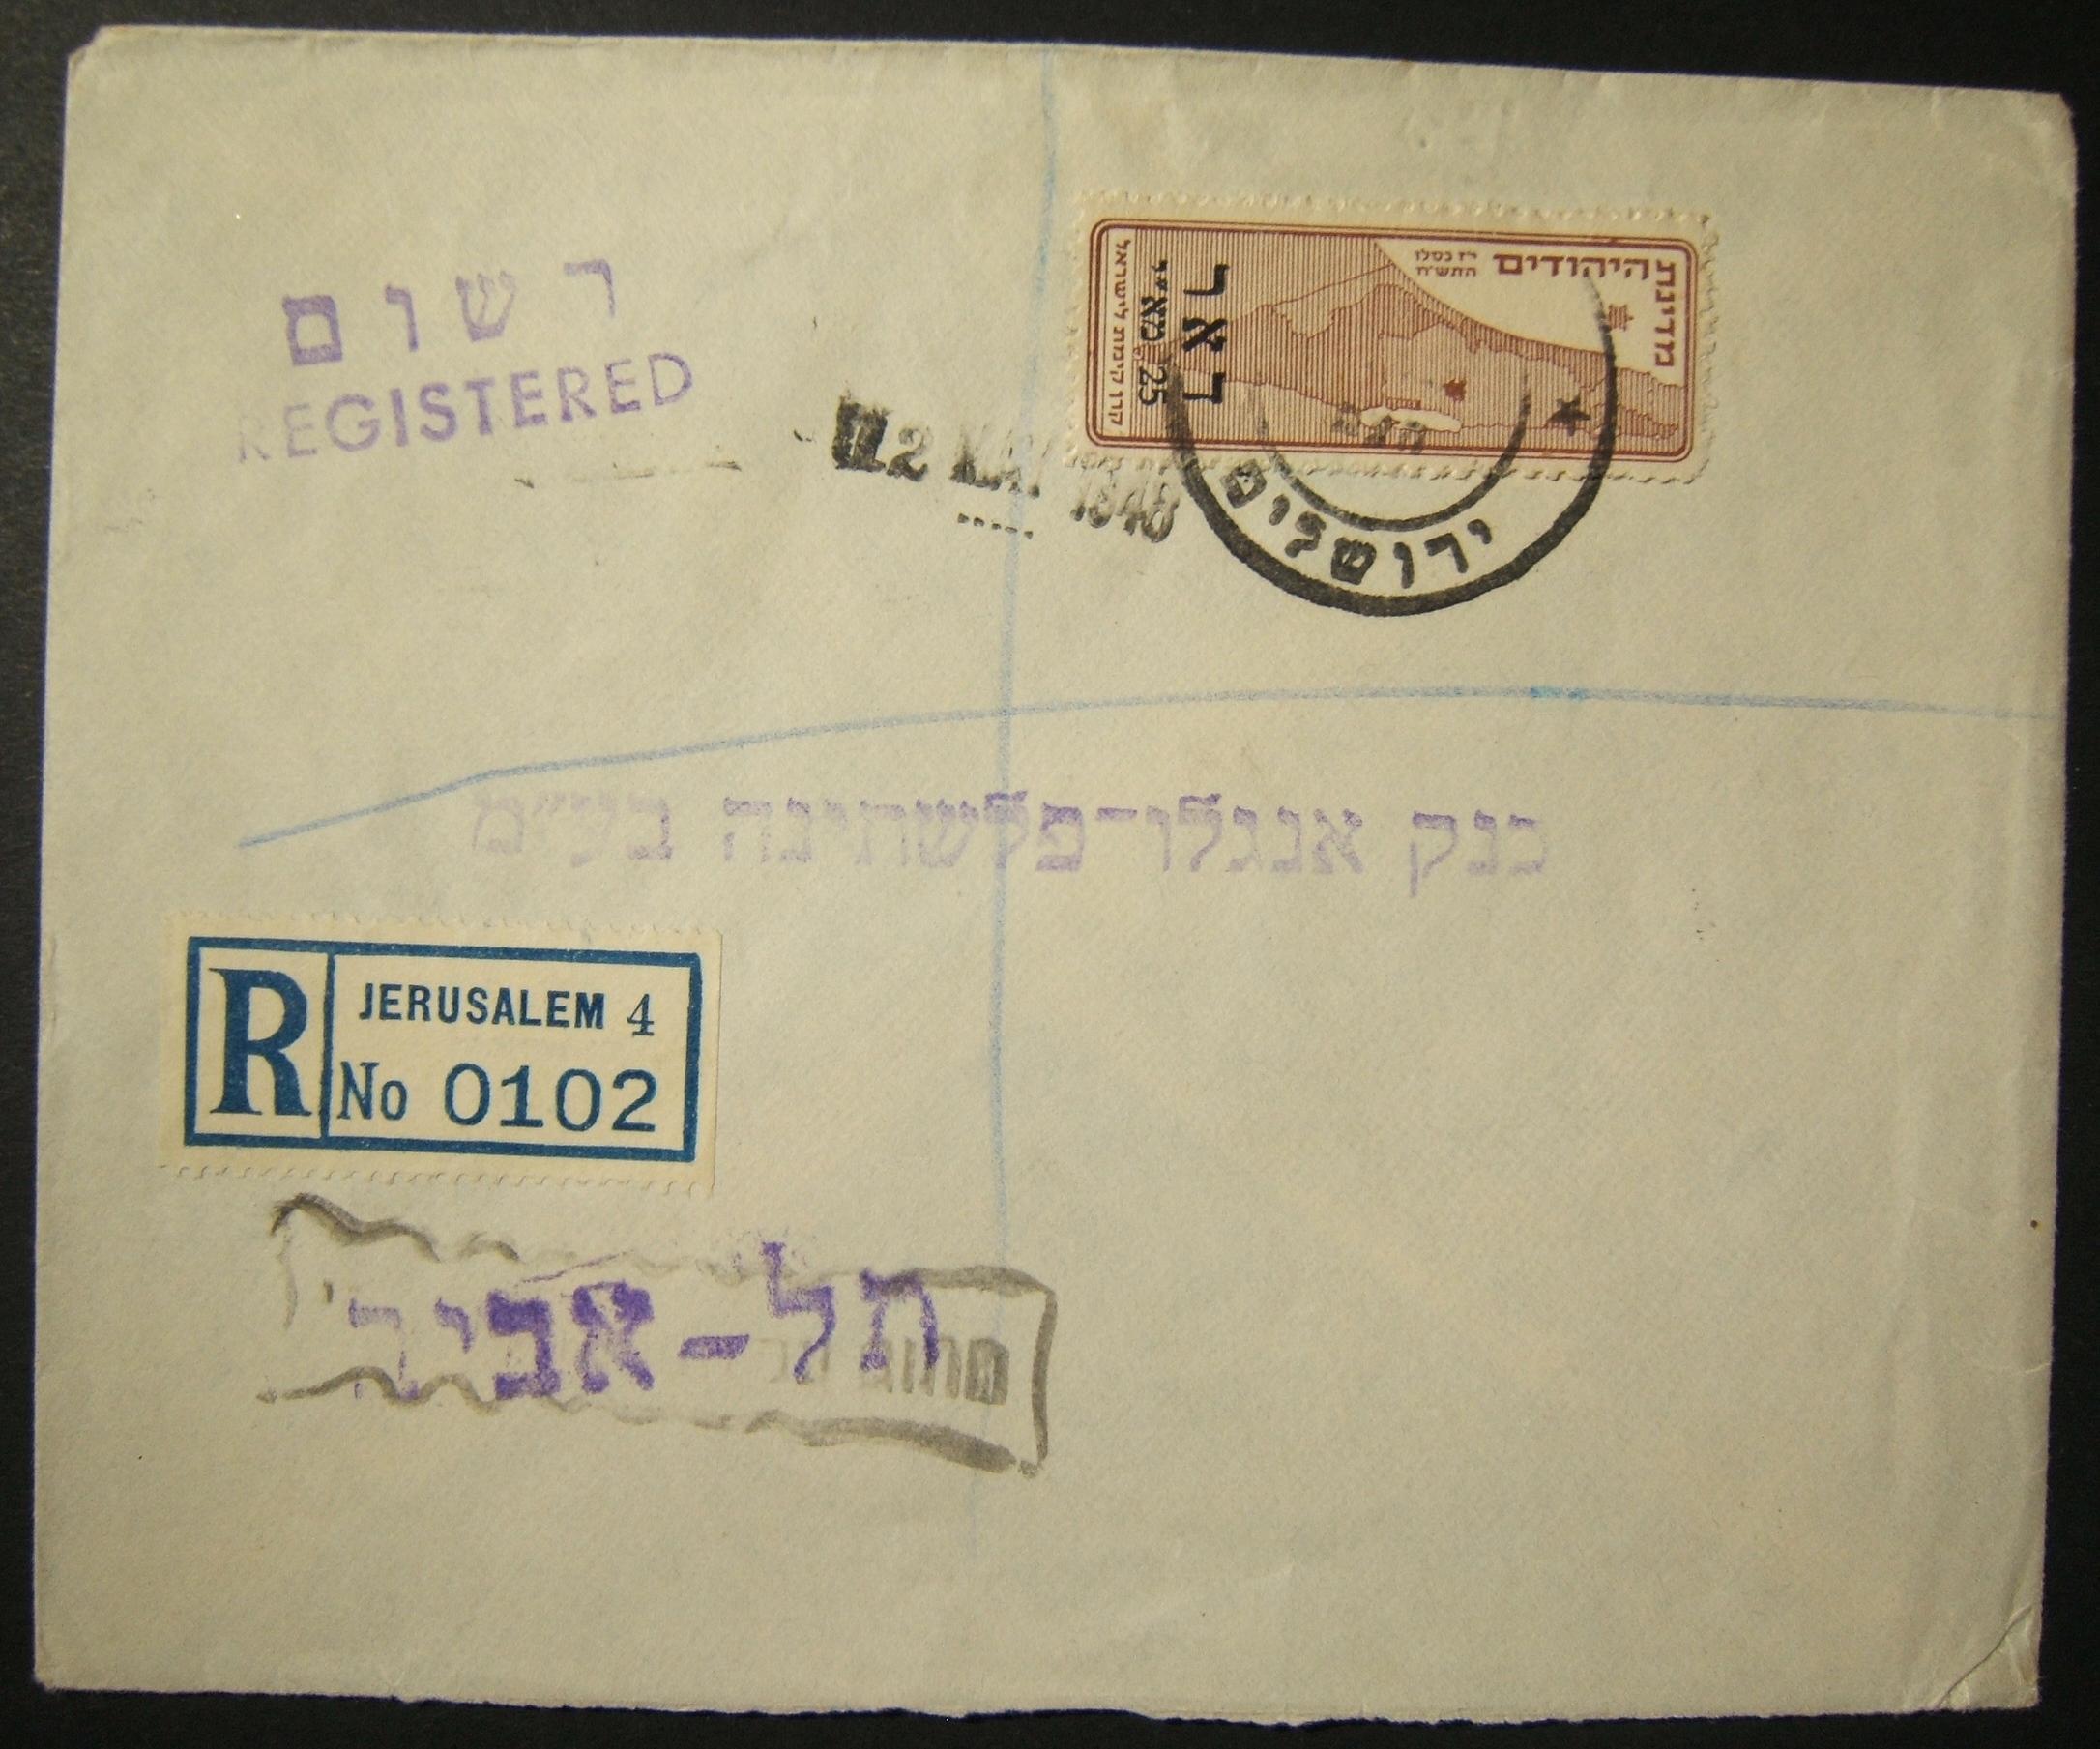 1948 البريد المسجل على القافلة الأولى من القدس إلى تل أبيب مع الصروف / العناوين البريدية المؤقتة